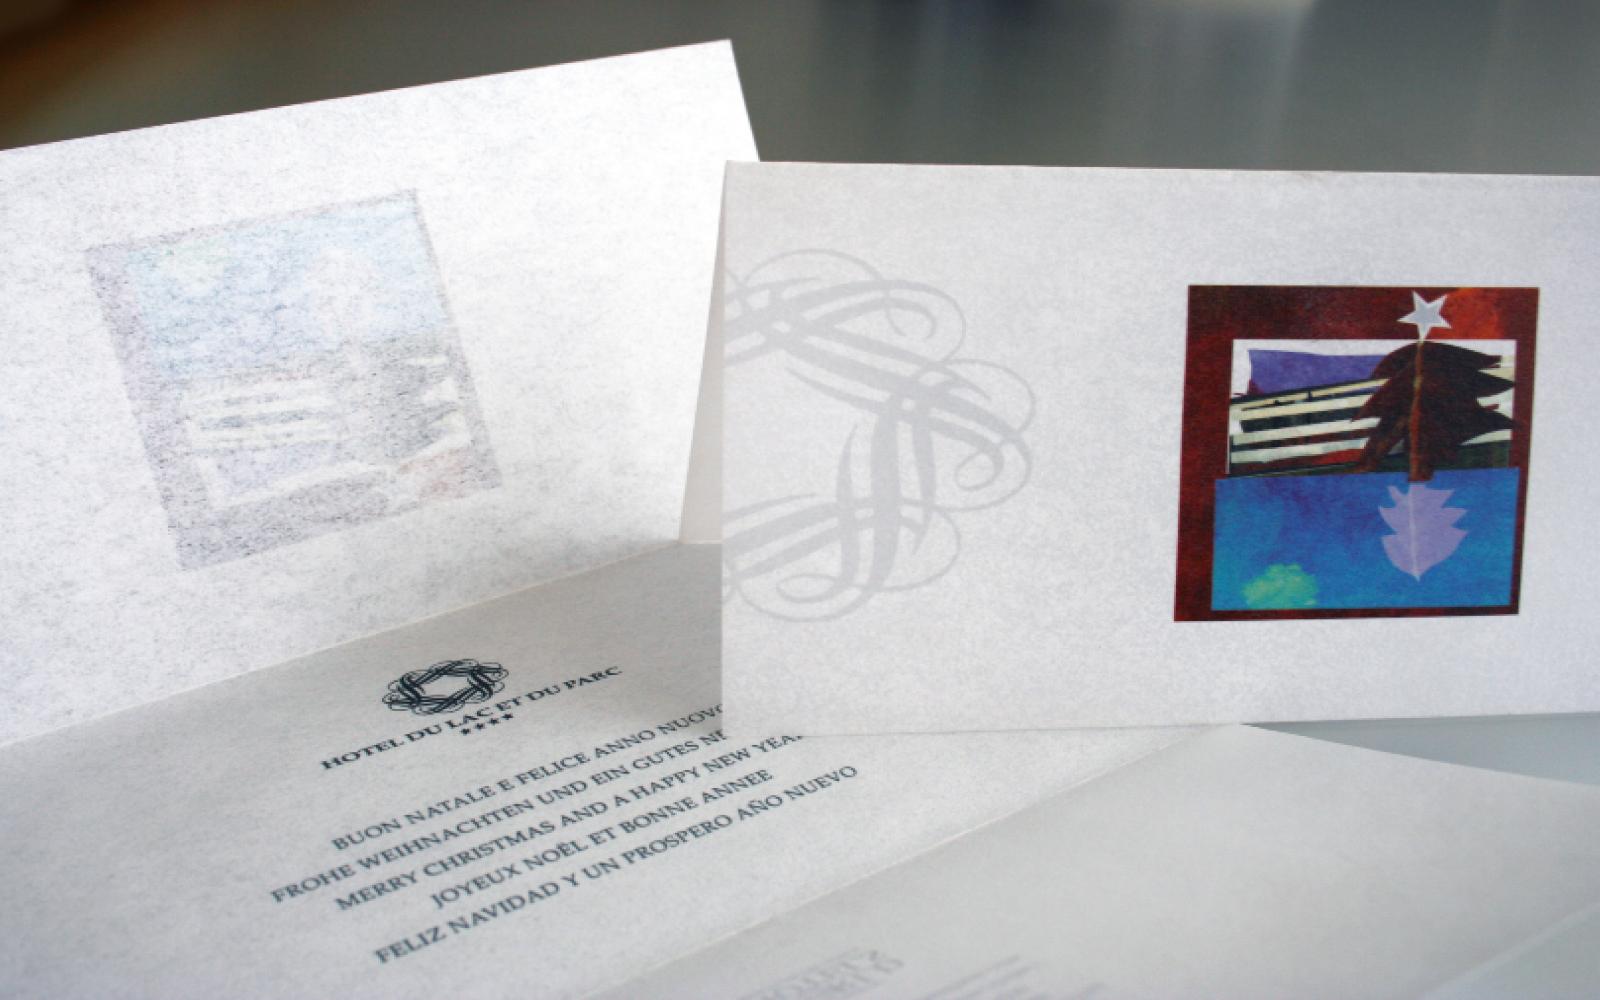 elegante christmas card creato per hotel du lac, stampato su carta pergamena, progetto studio grafico diade arco trento